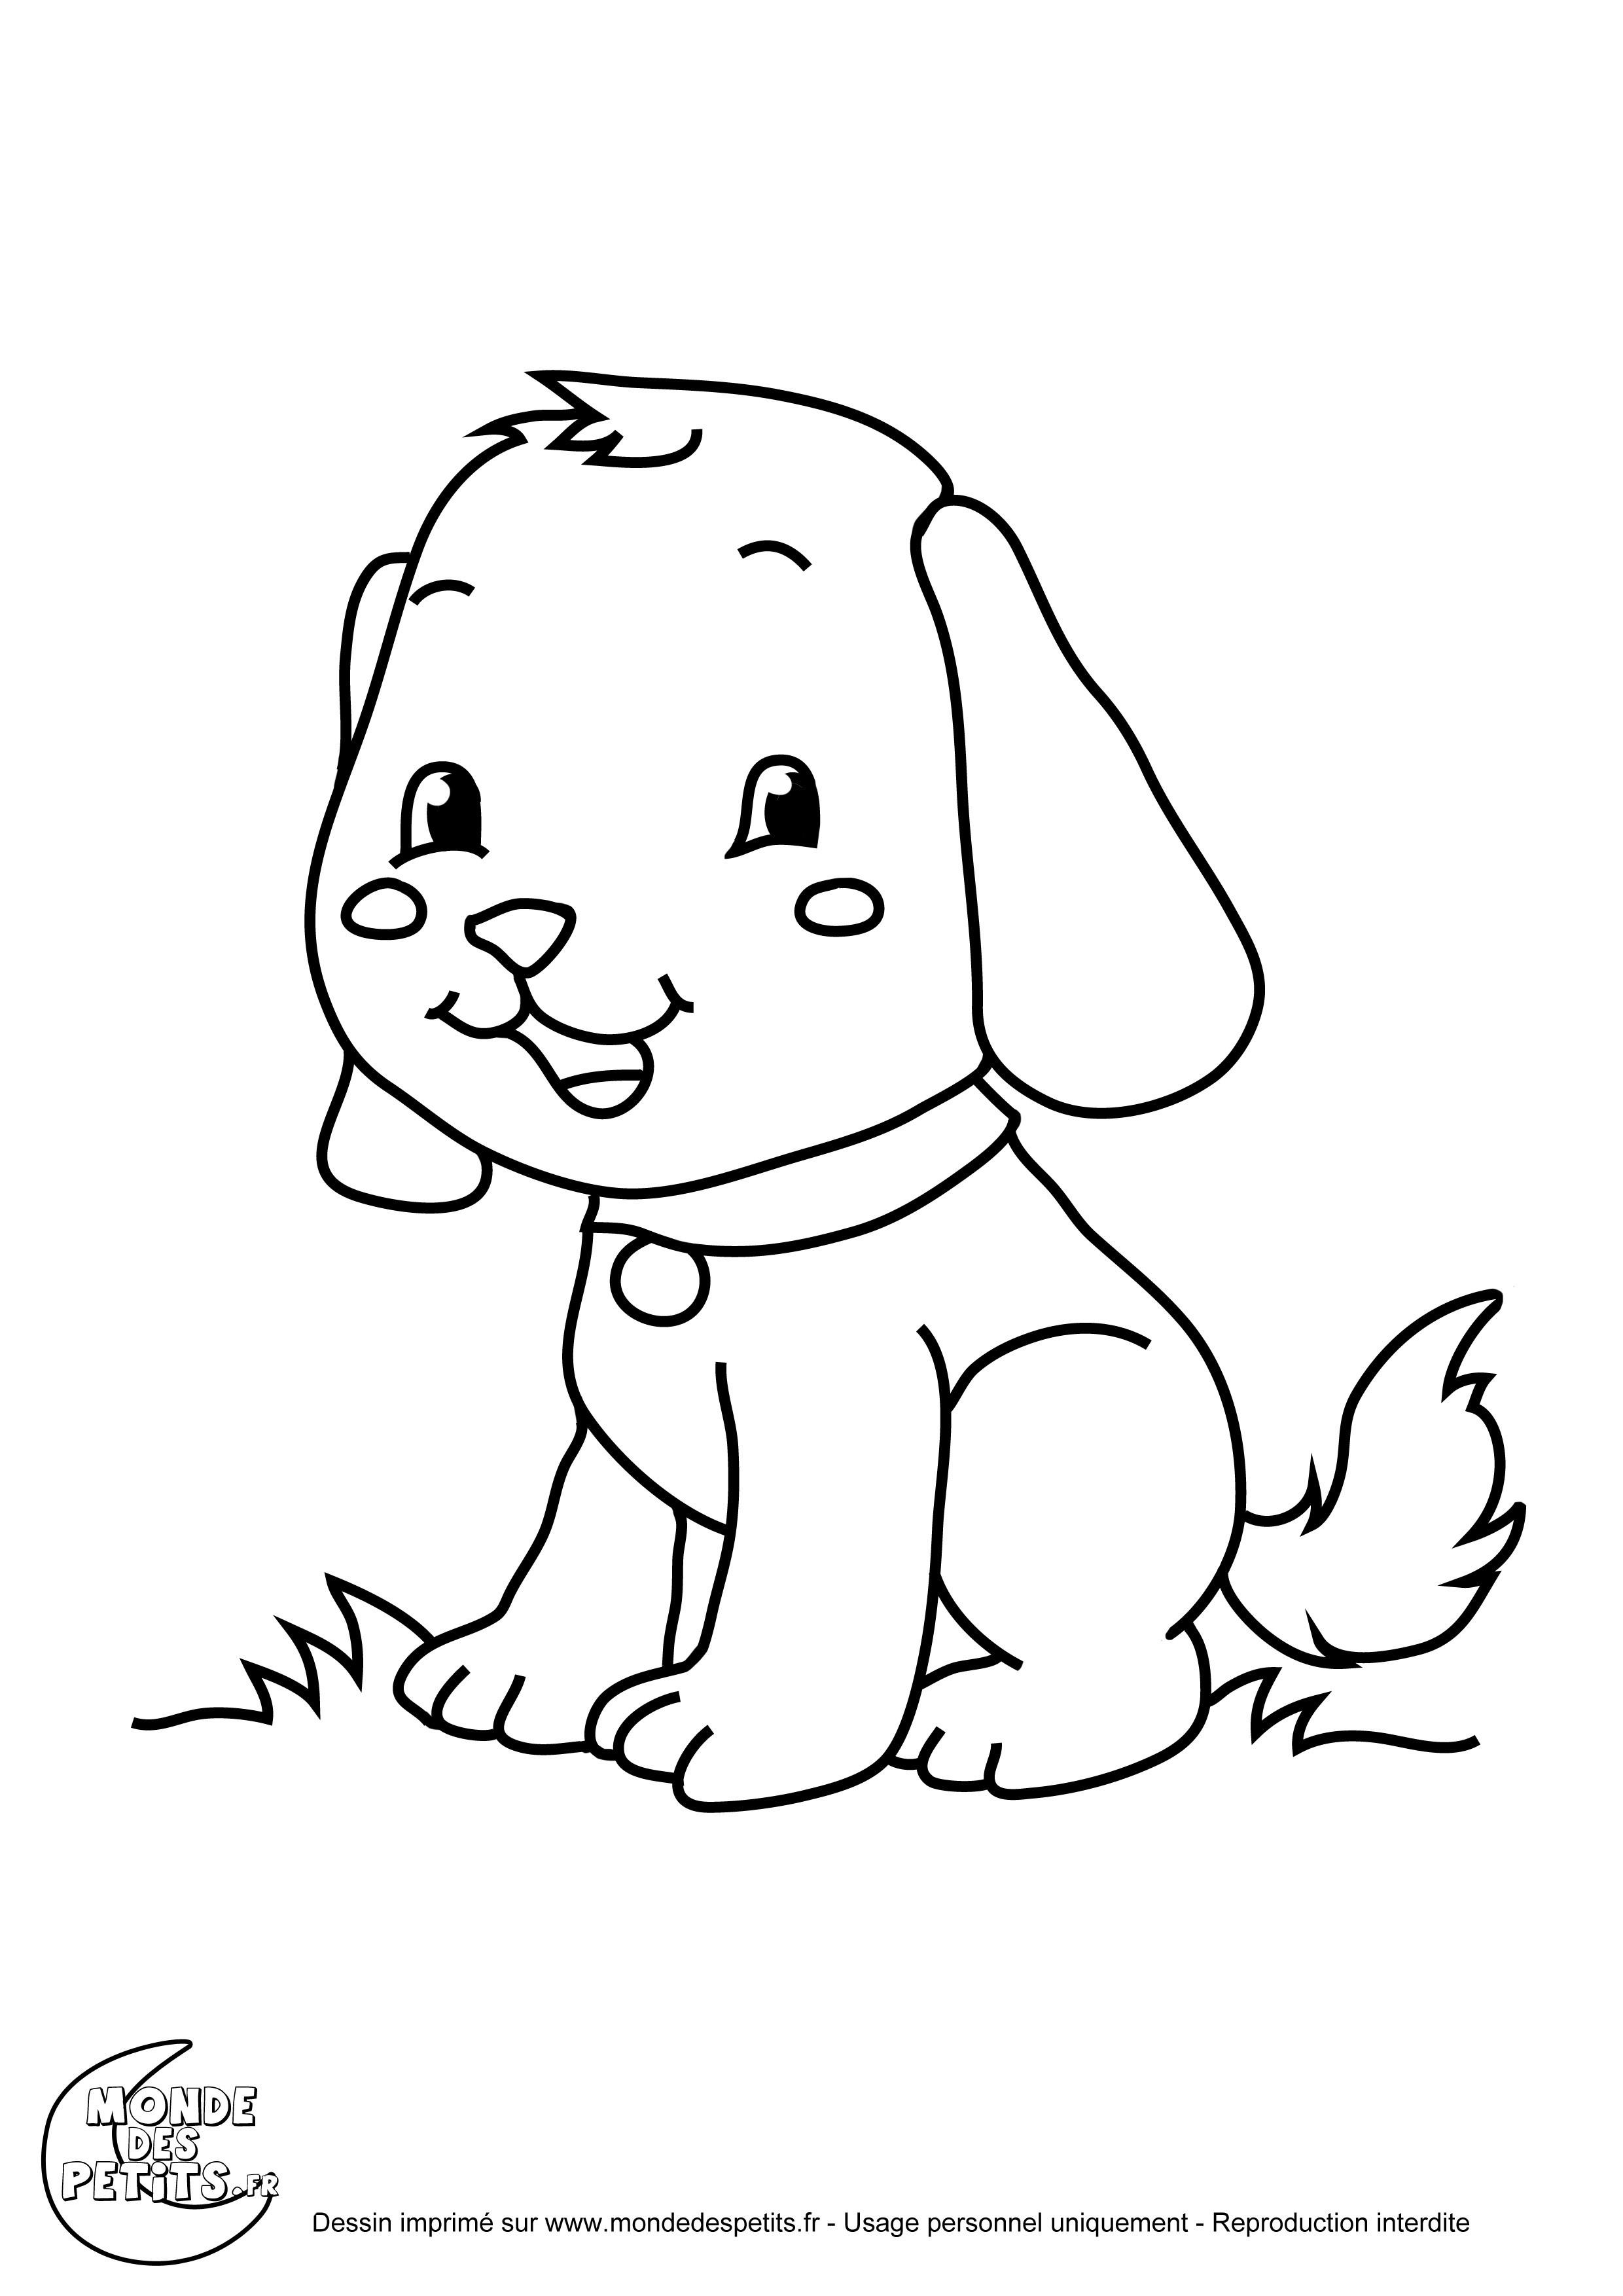 10 nouveau coloriage chien ausmalbilder dedans coloriage chien a imprimer gratuit